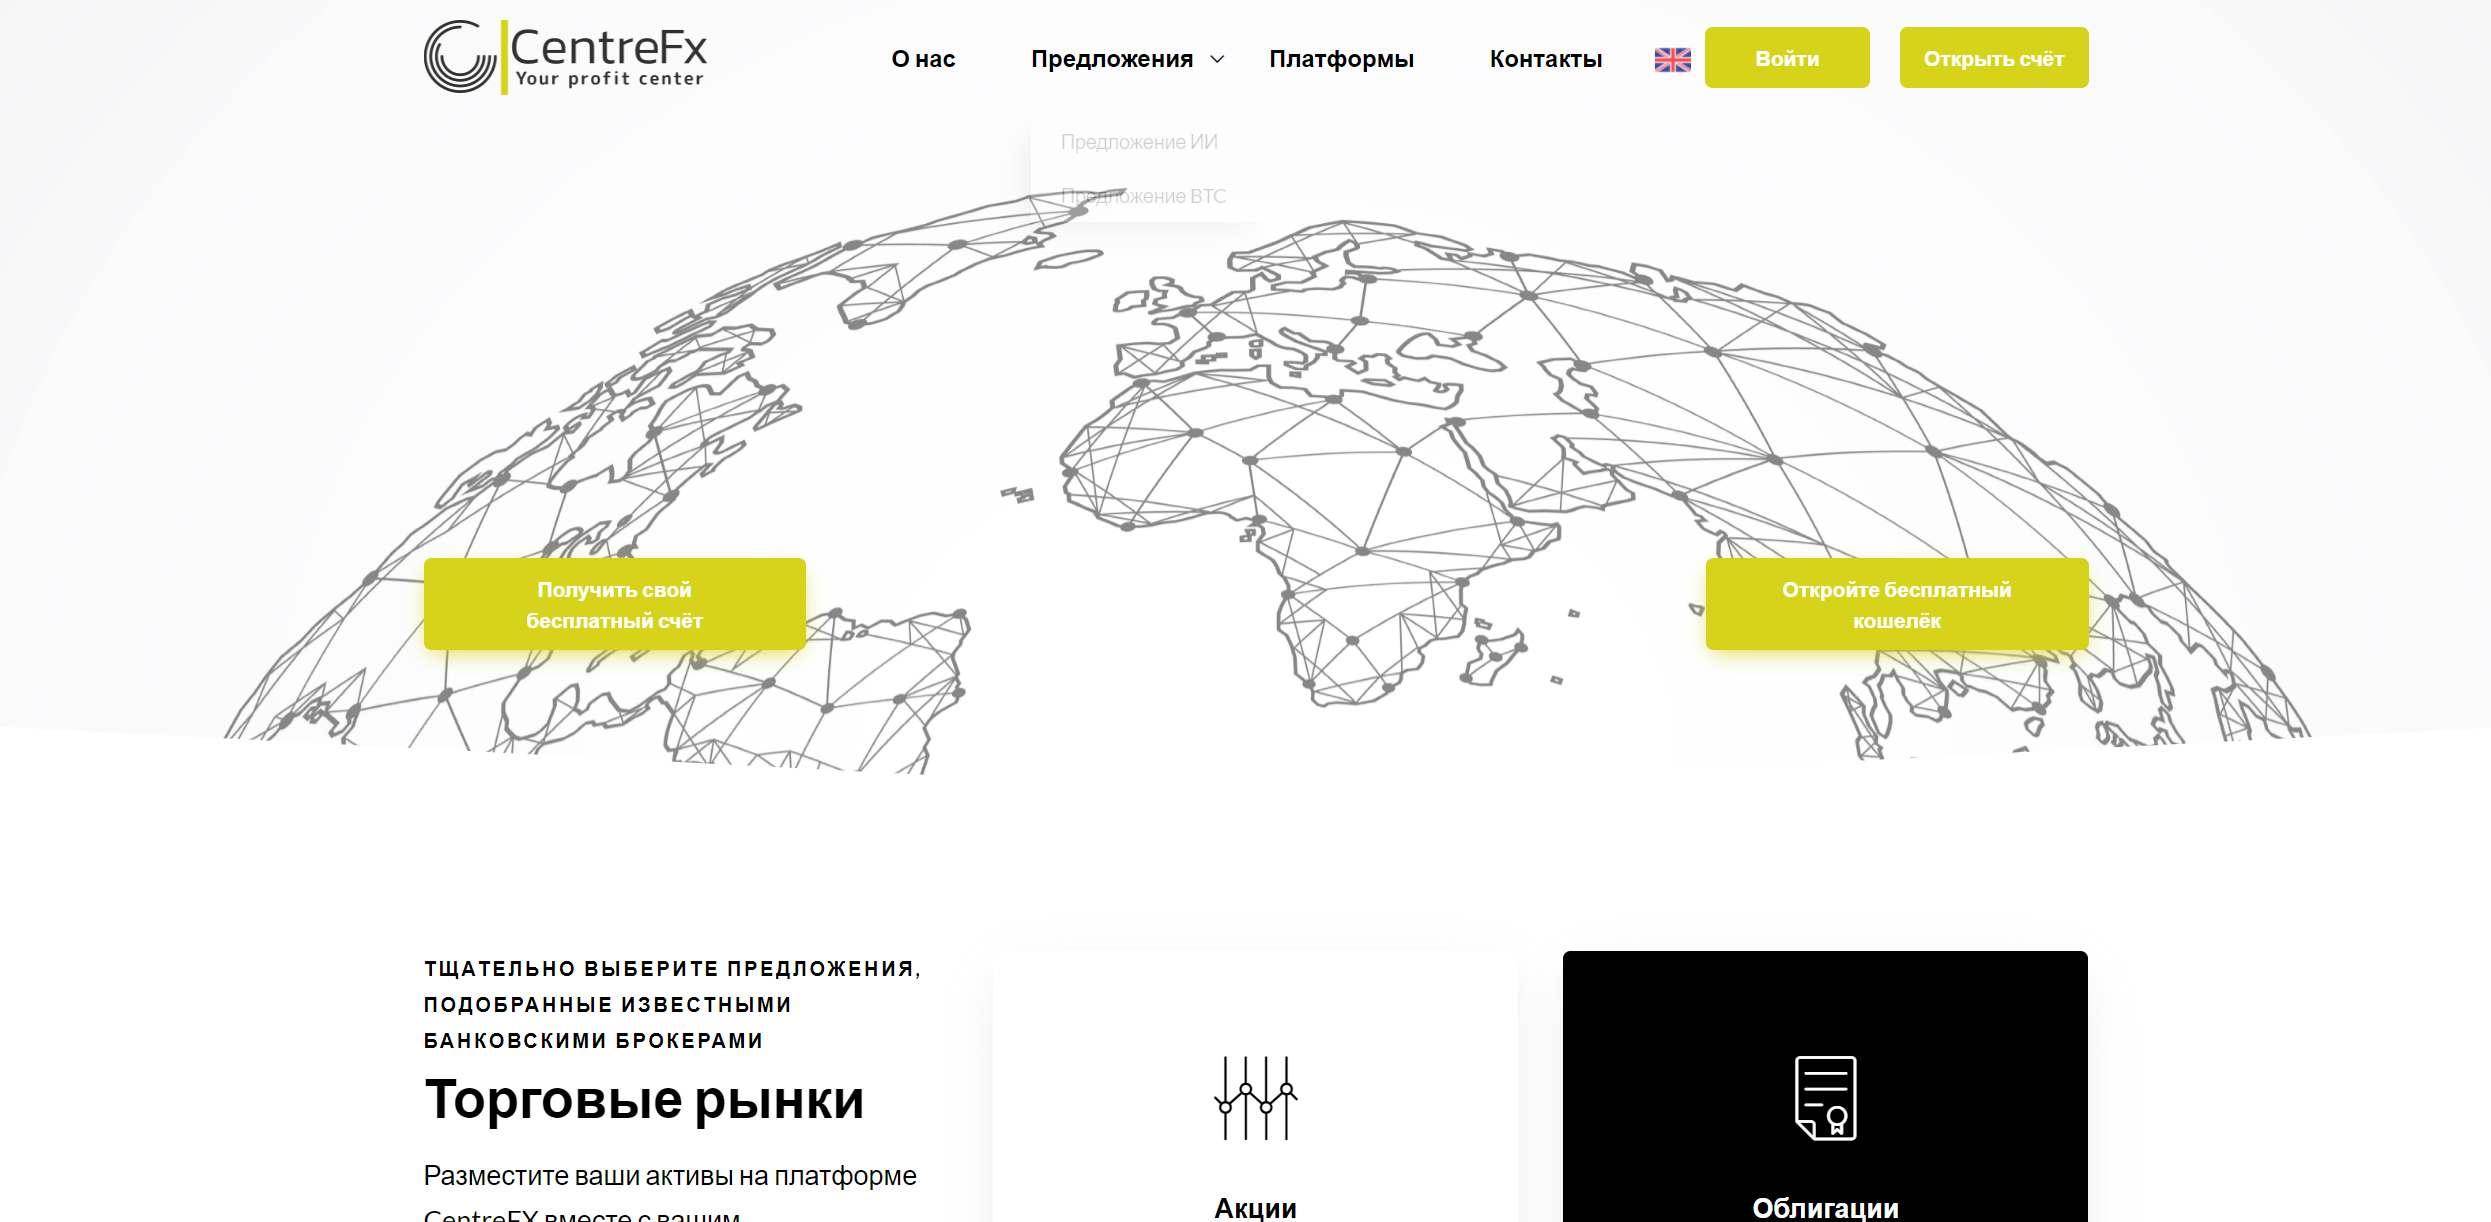 Centrefx (centrefx.com) – обзор и отзывы о брокерской компании или лохотрона?